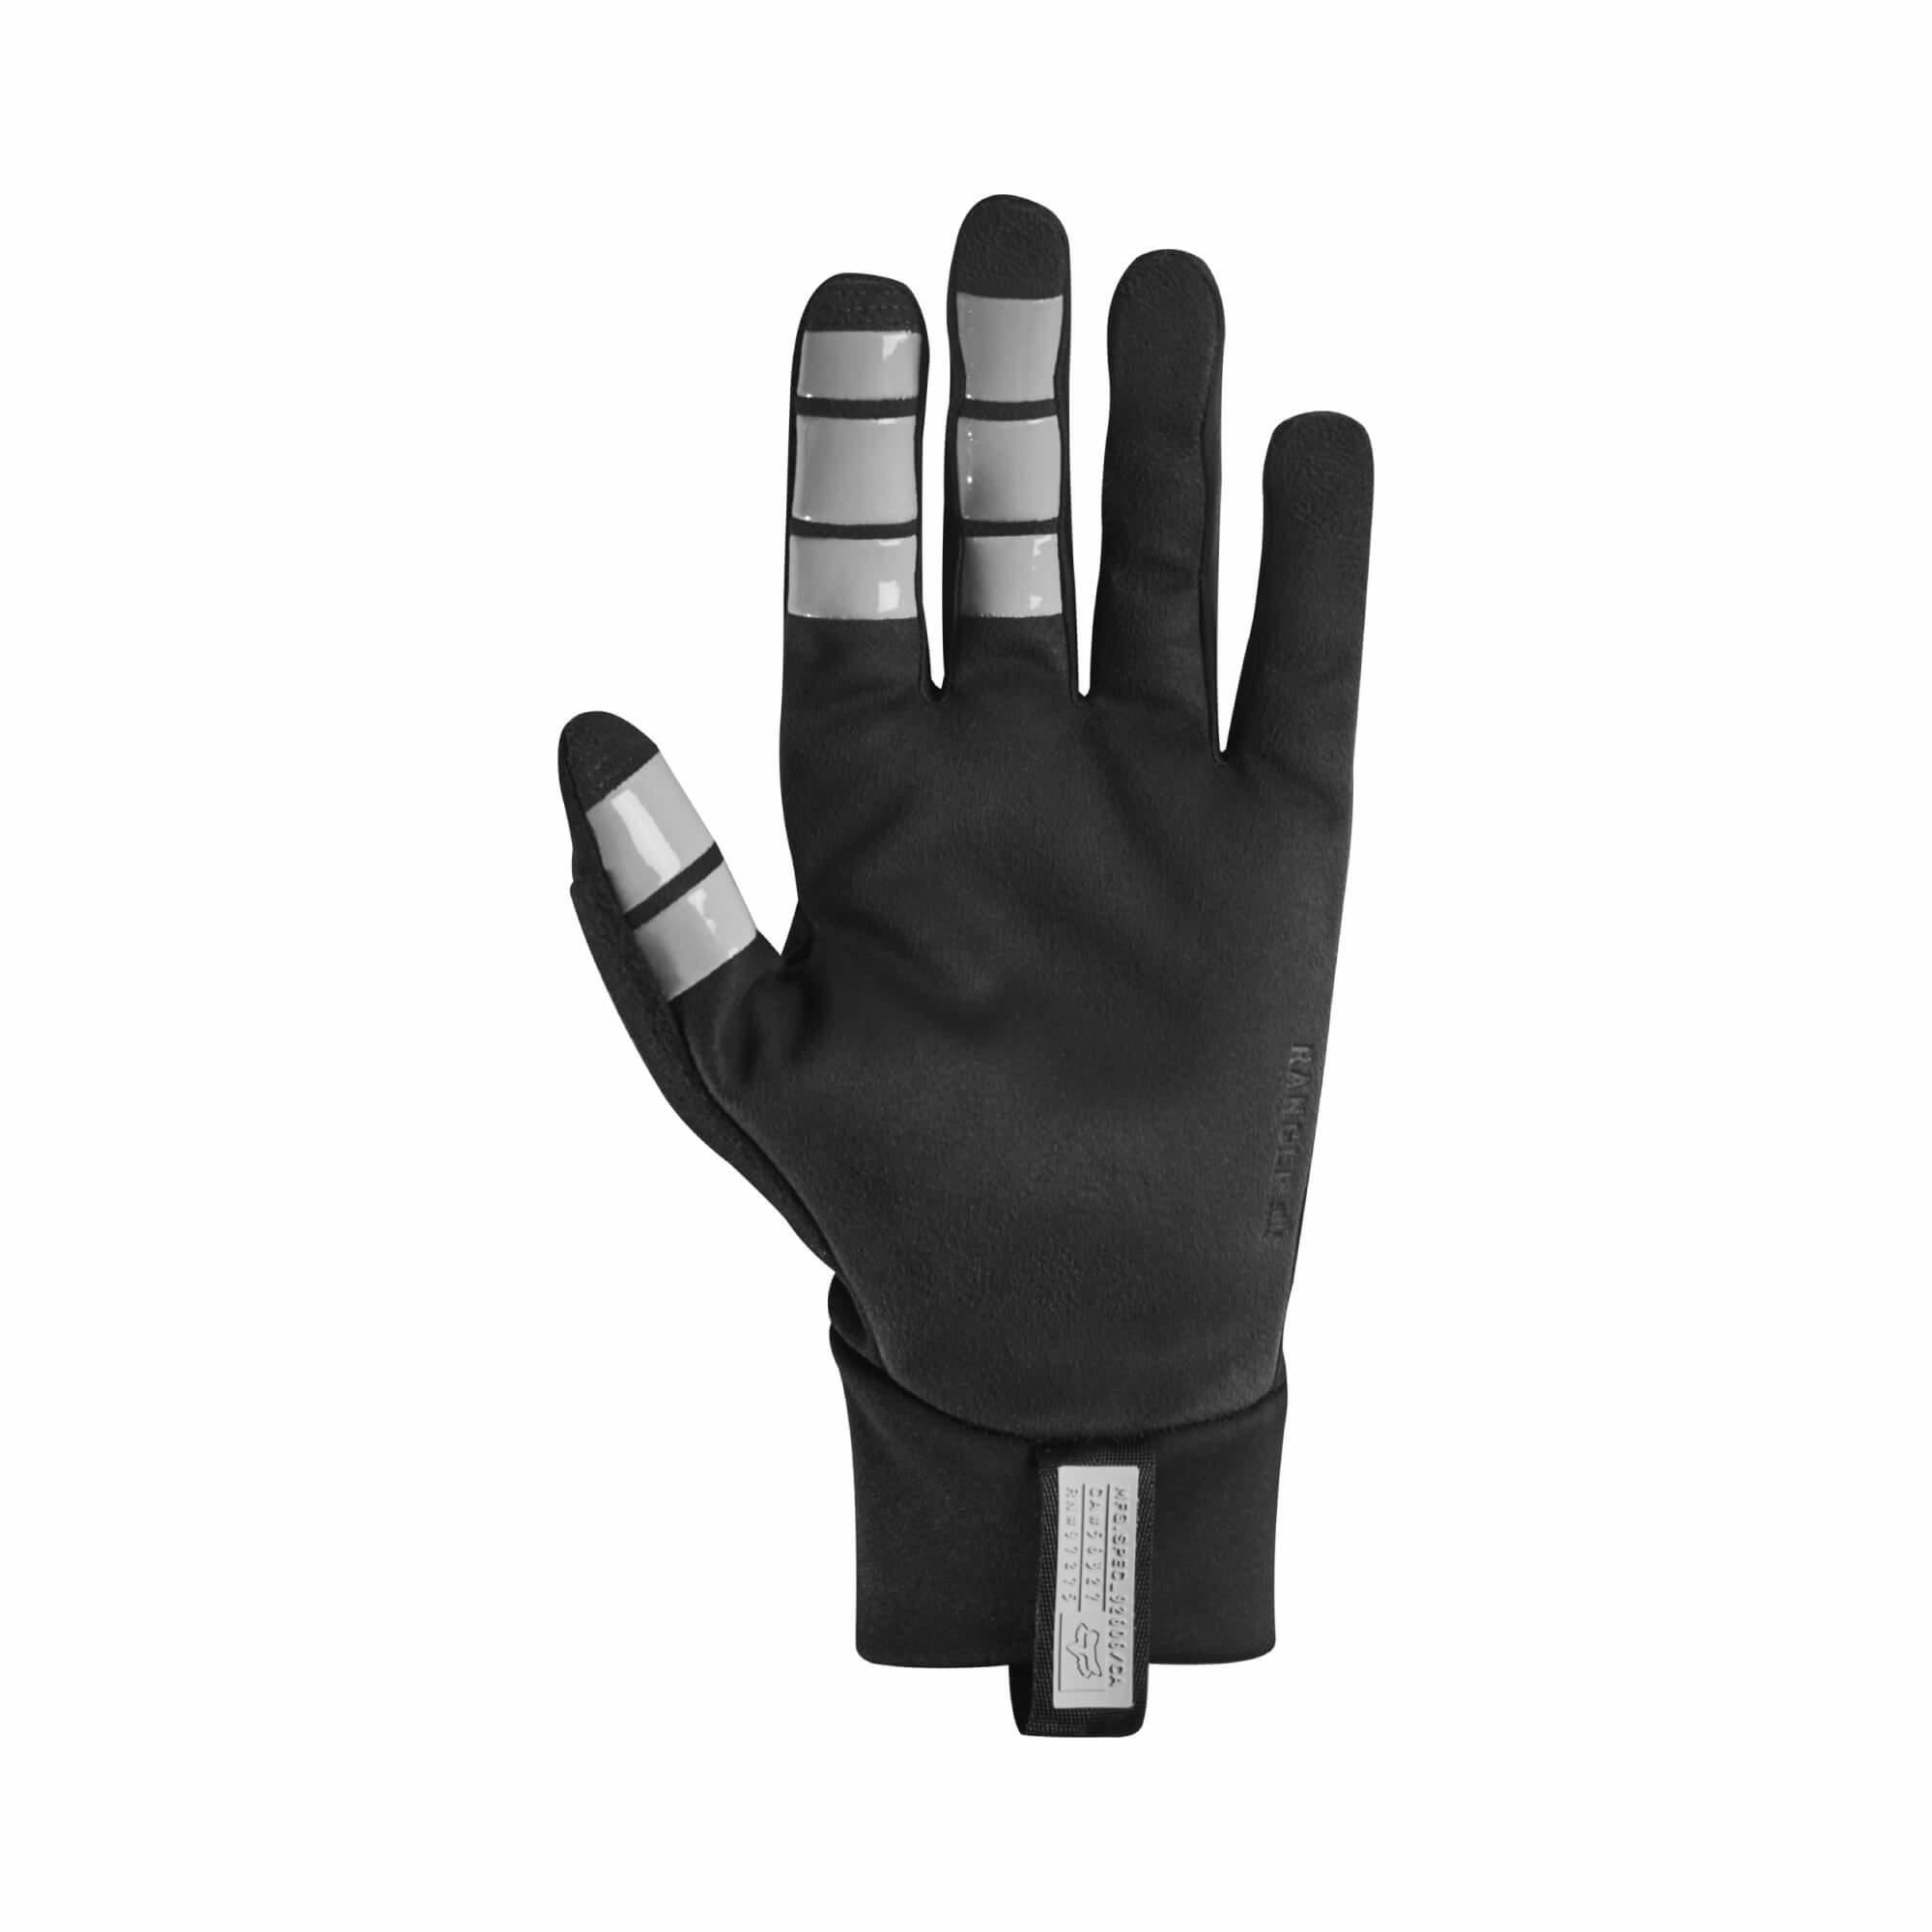 Ranger Fire Glove 2021-4